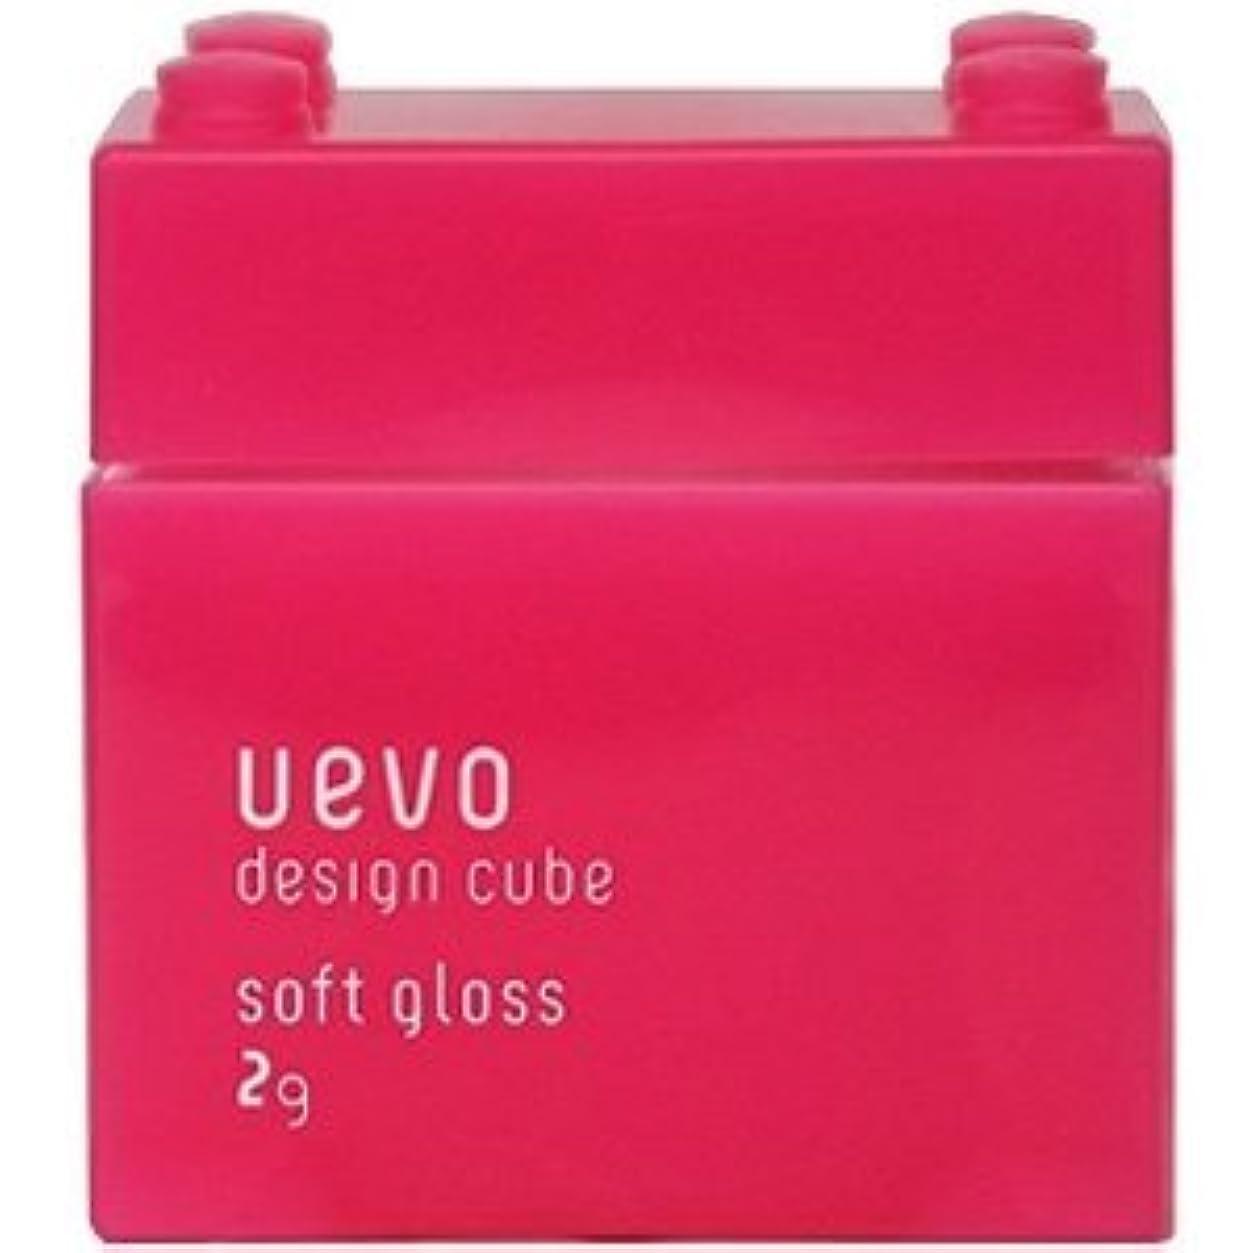 鮮やかなガイダンスそこから【X2個セット】 デミ ウェーボ デザインキューブ ソフトグロス 80g soft gloss DEMI uevo design cube